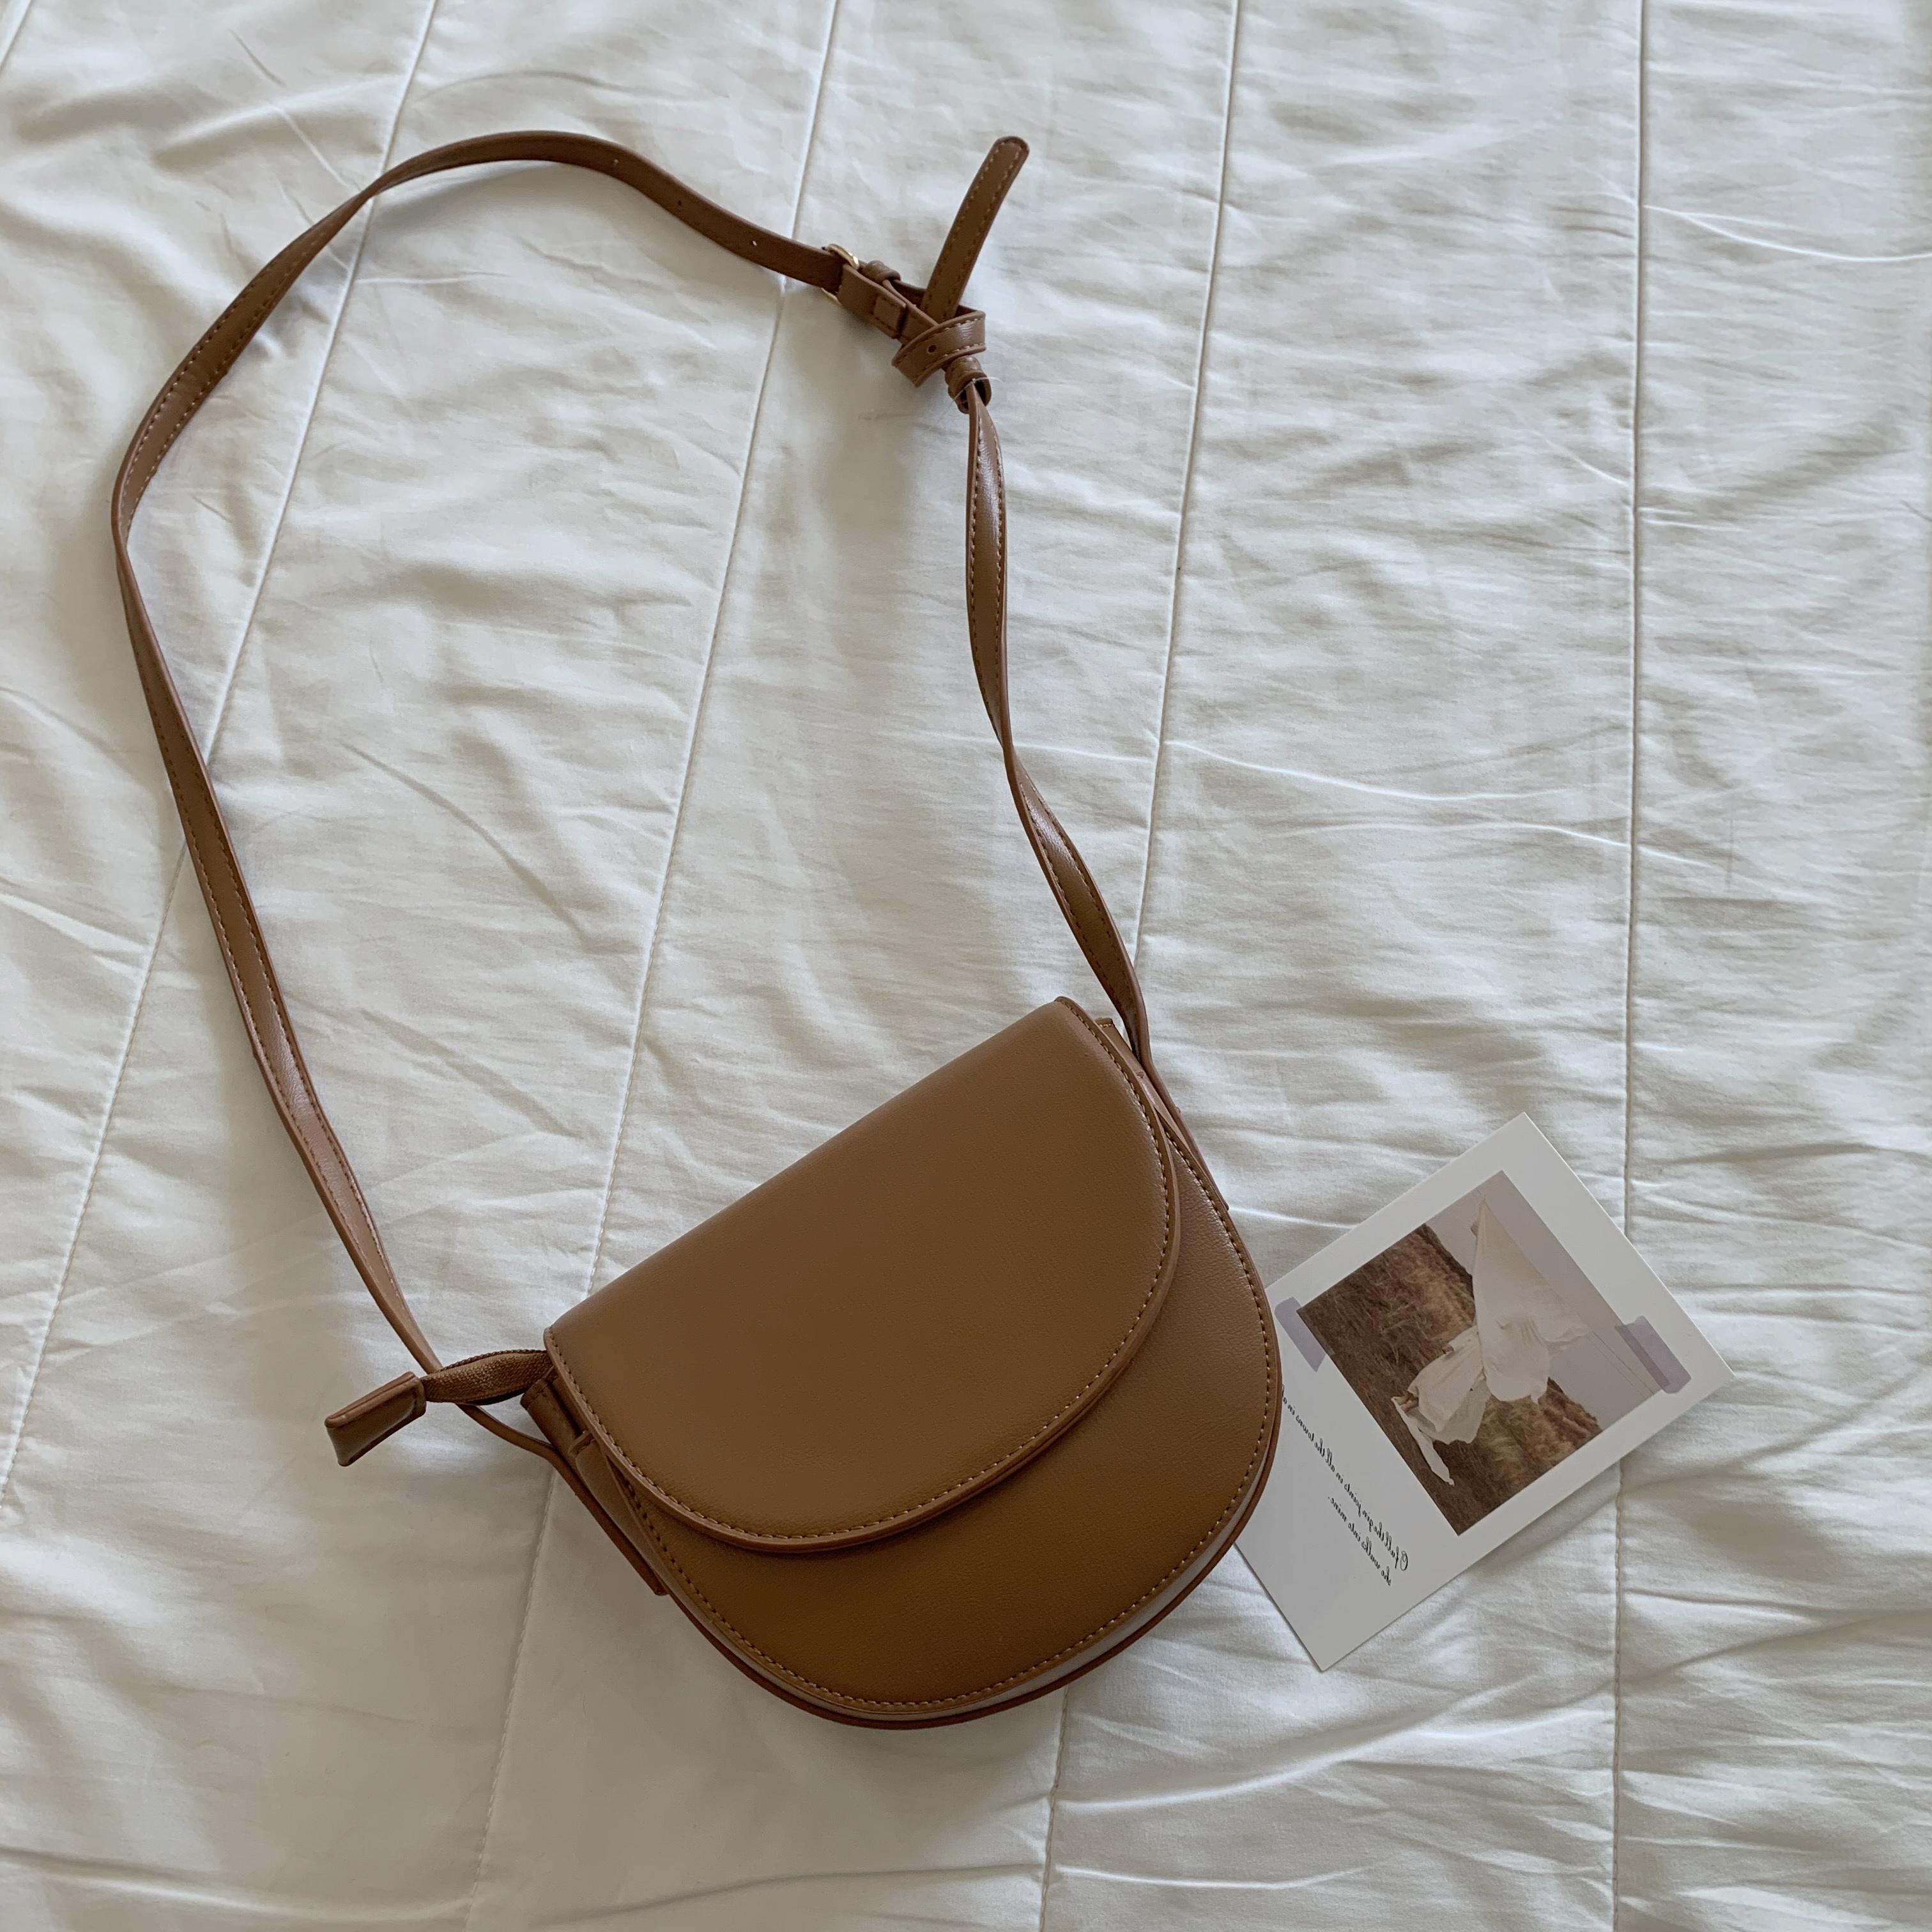 〈カフェシリーズ〉チョコレートみたいなショルダーバッグ【chocolate shoulder bag】